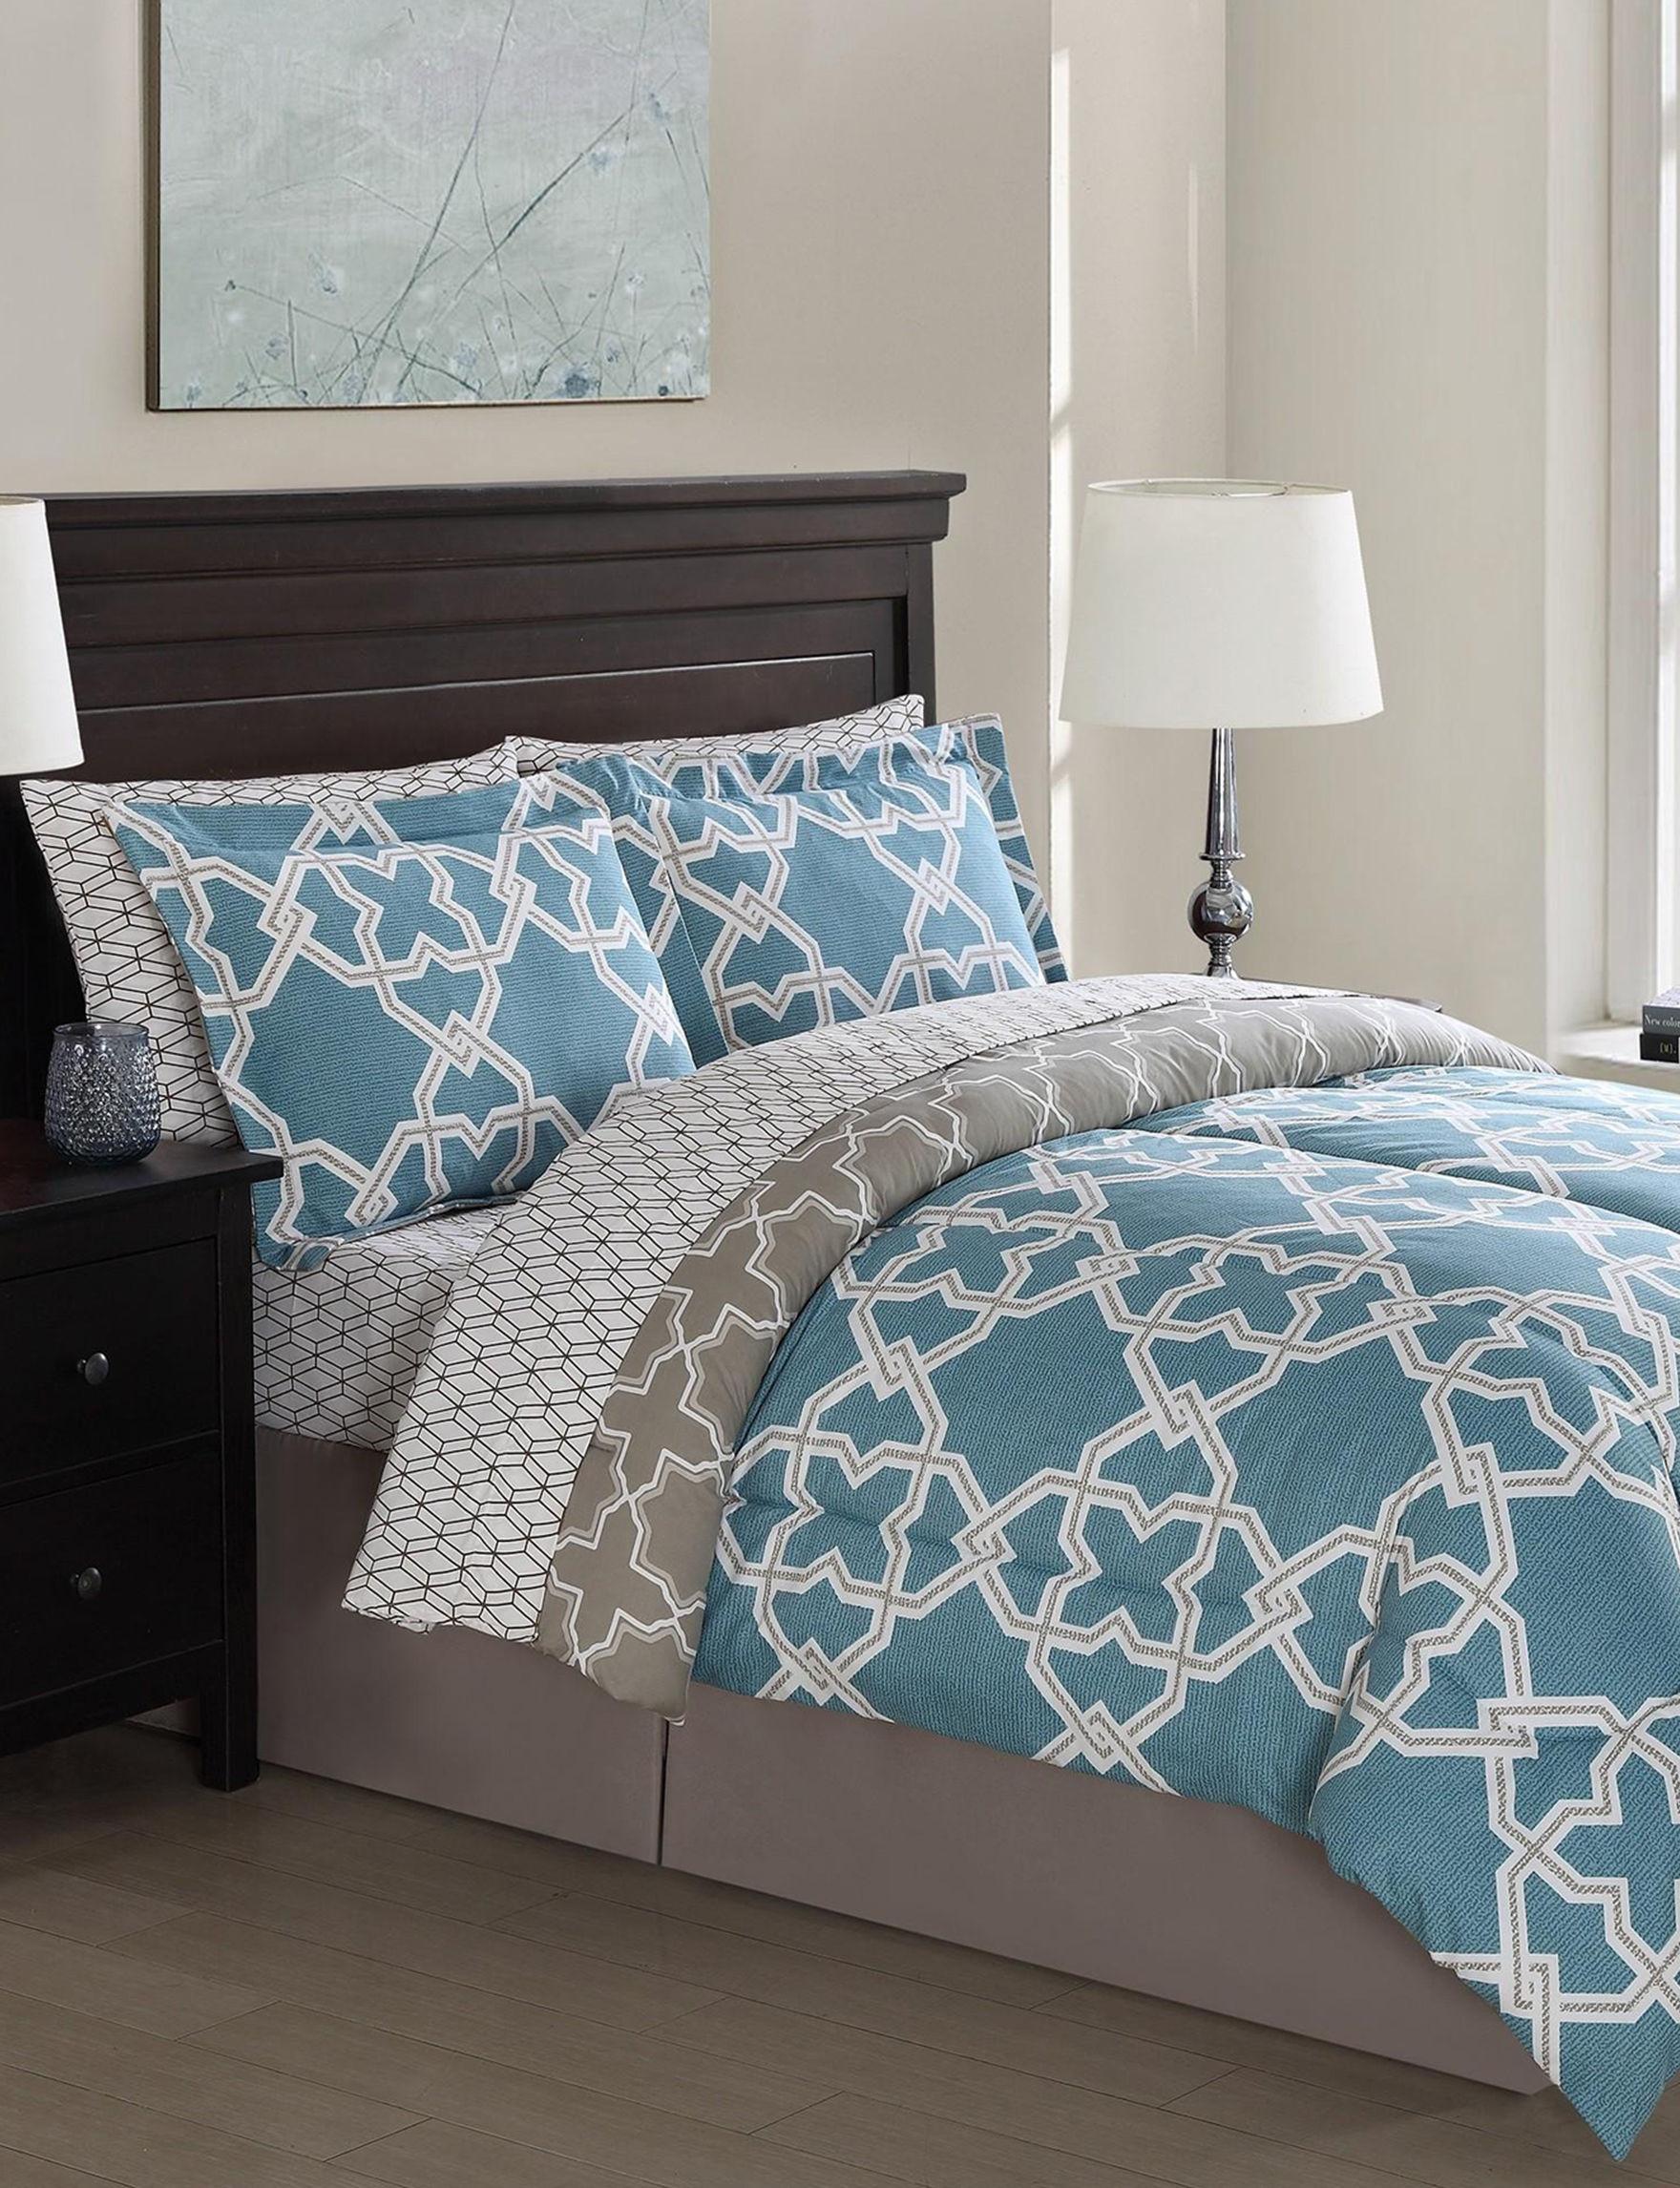 Details Teal Comforters & Comforter Sets